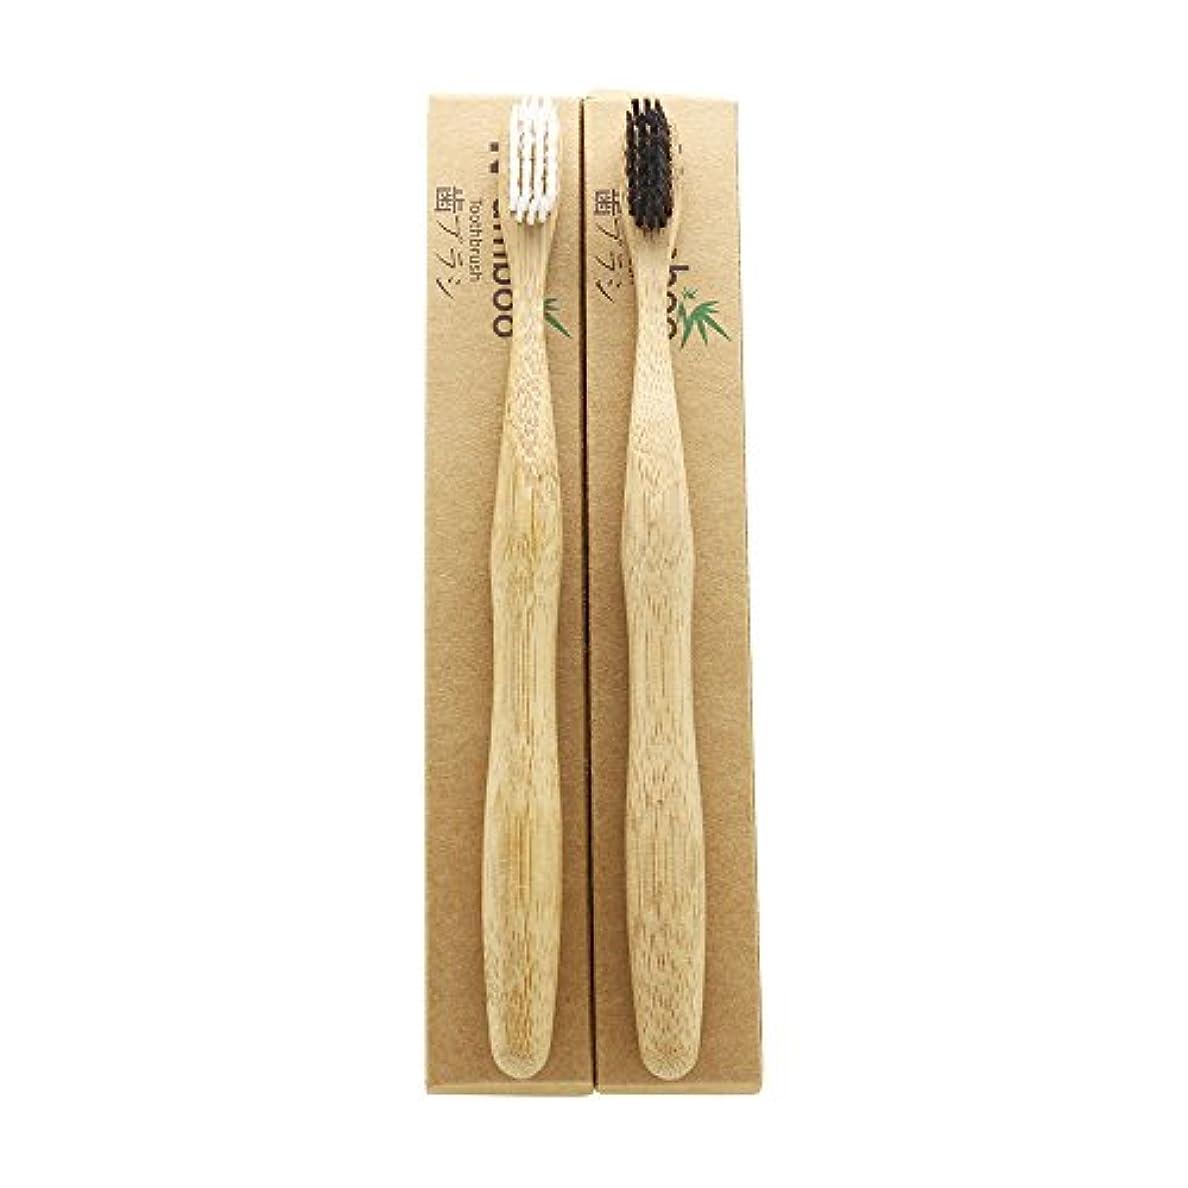 も噴火ノイズN-amboo 竹製 歯ブラシ 高耐久性 白と黒 セット エコ (2本)